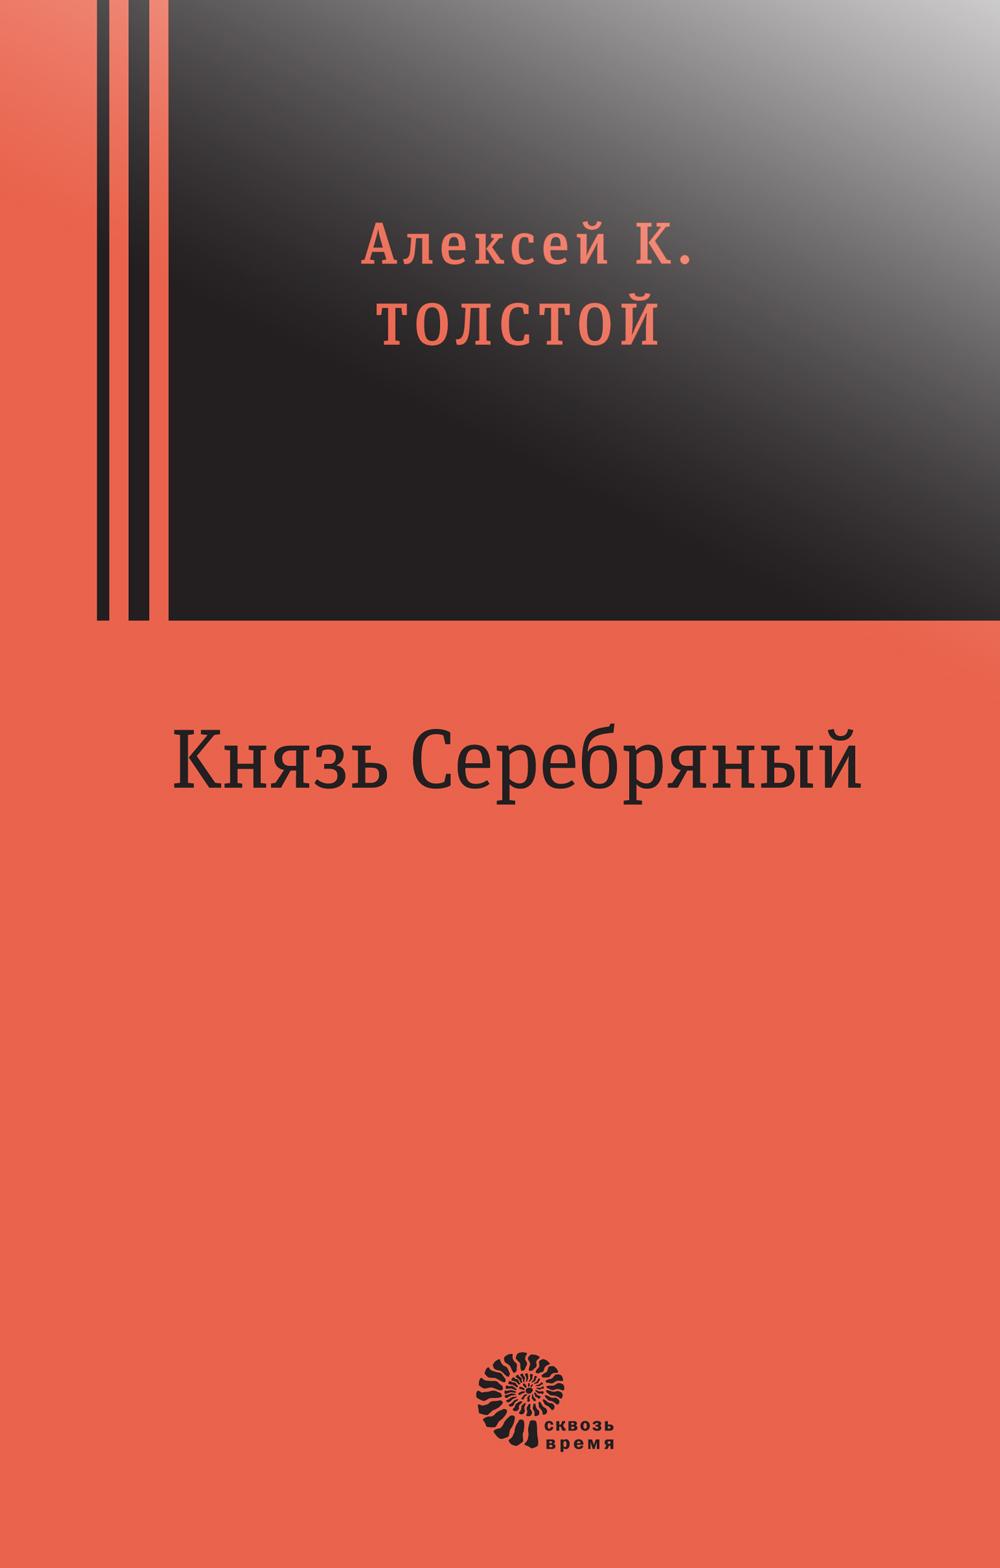 Купить Князь Серебряный, Алексей Толстой, 978-5-00112-001-8